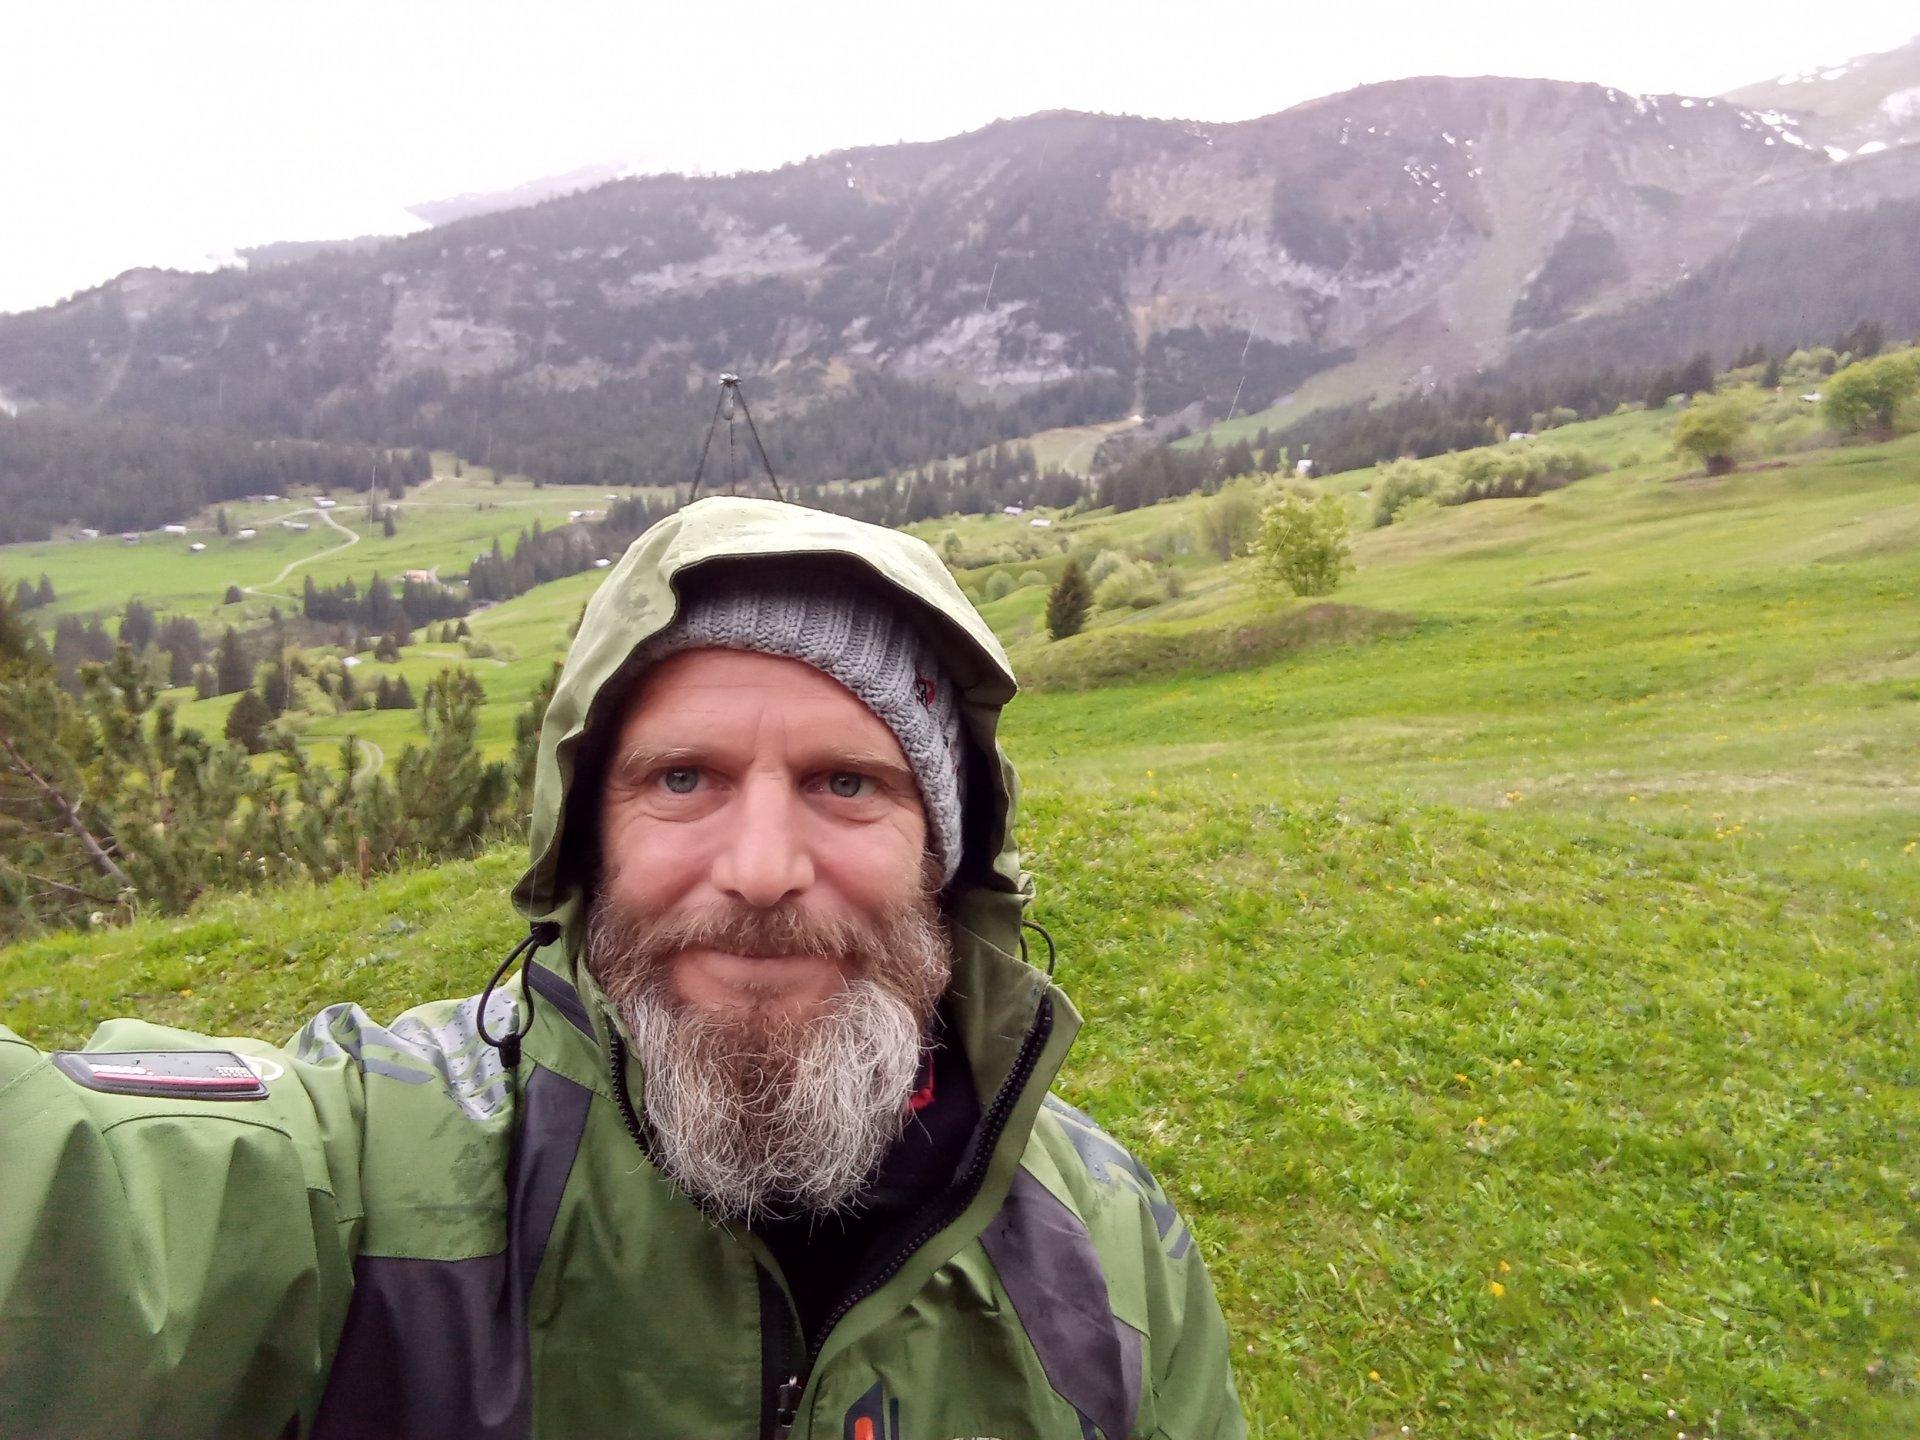 Capuns aus Graubünden,Schweiz